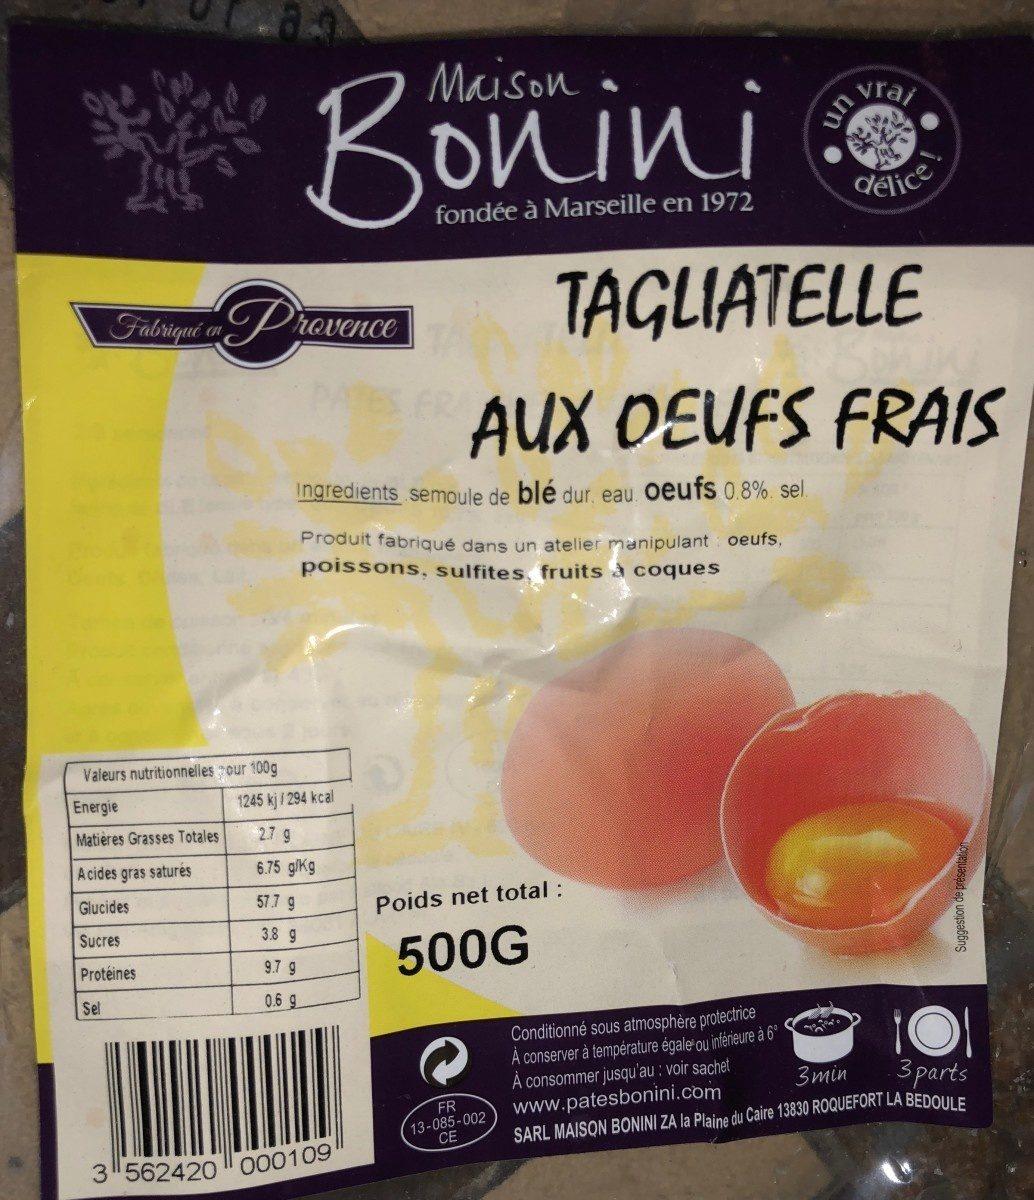 Tagliatelle aux œufs frais - Product